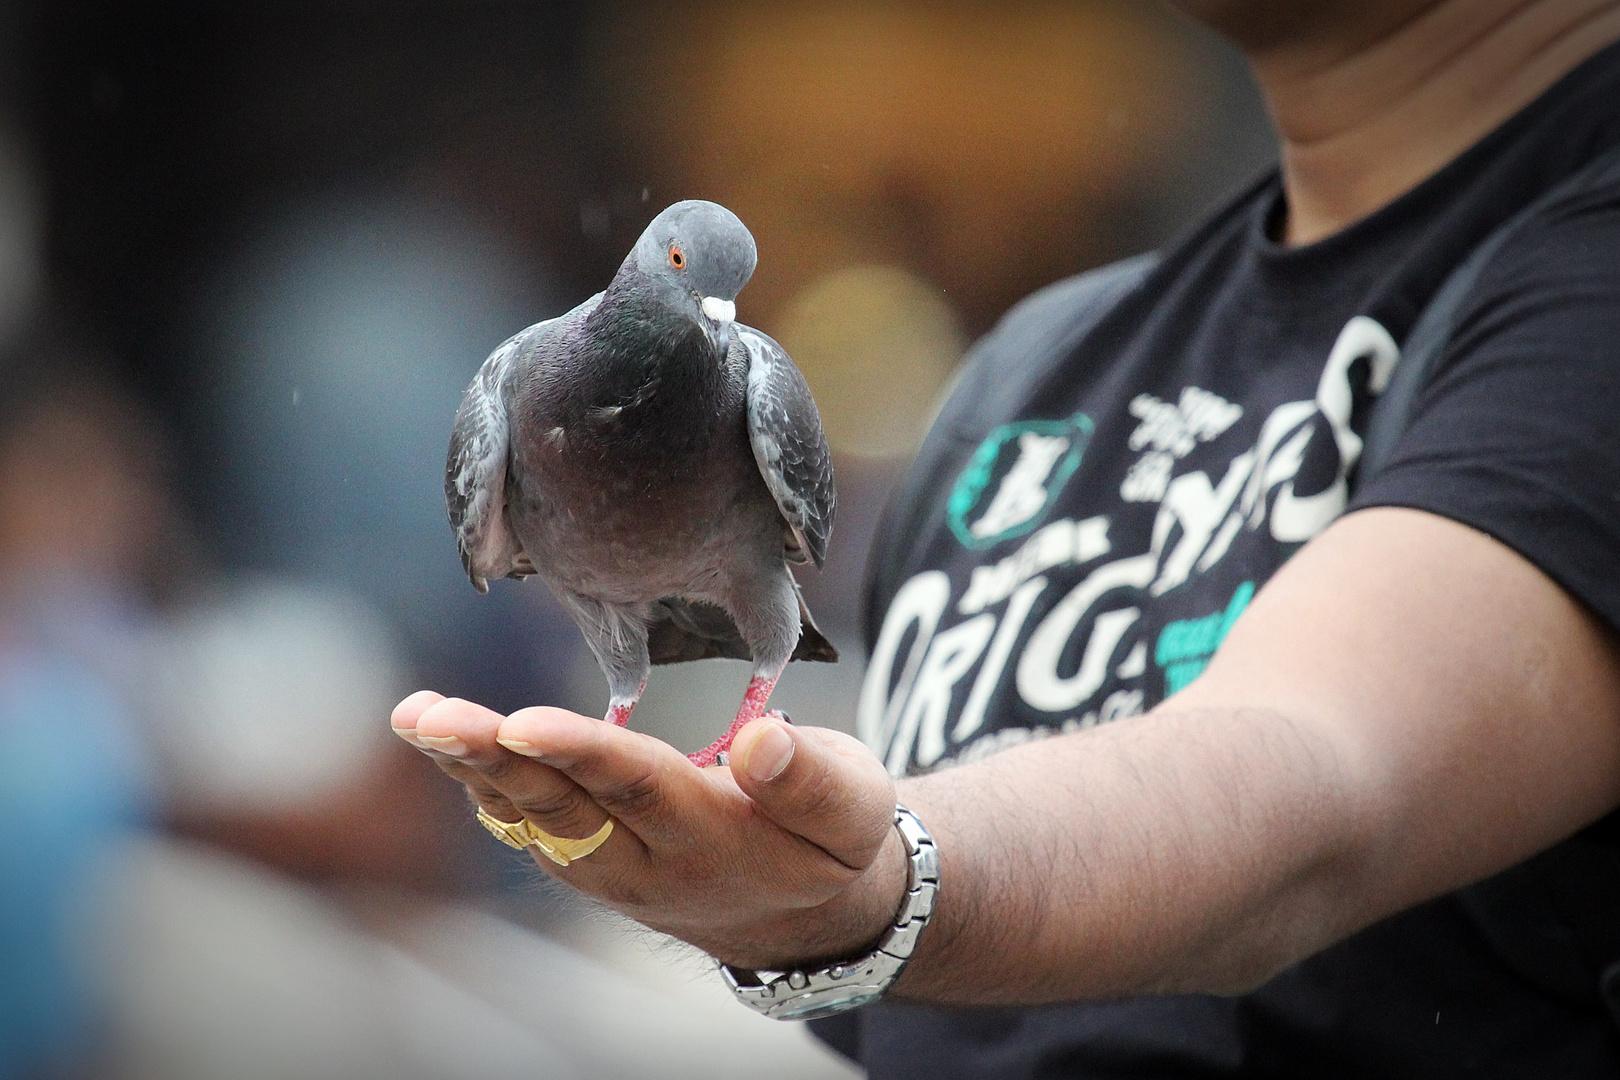 ~Der Taubenflüsterer~